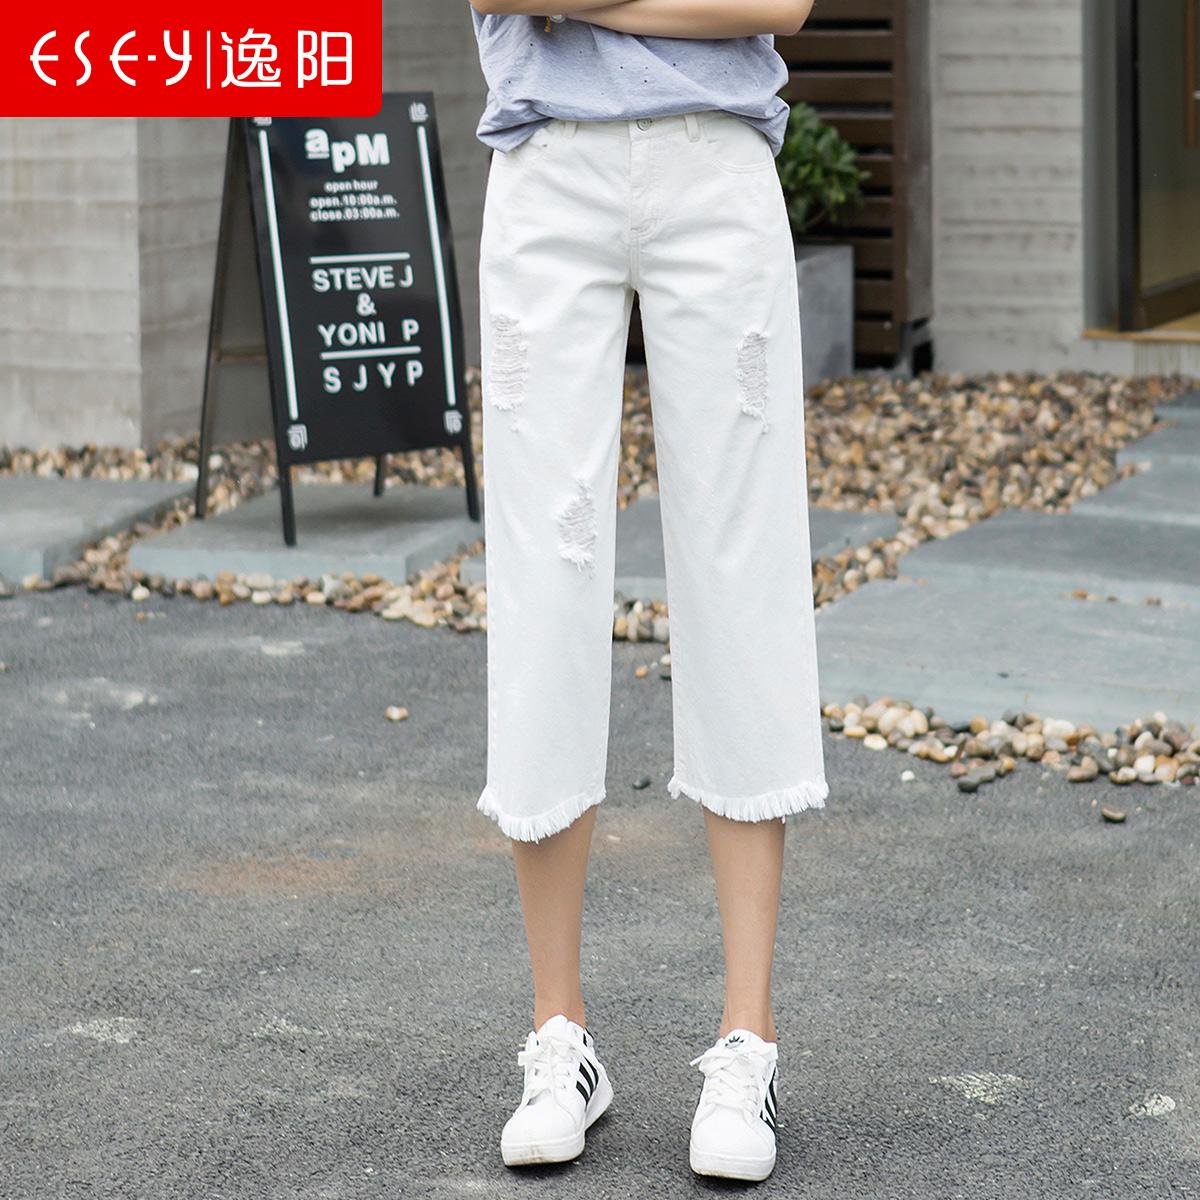 逸阳女裤2018夏新款薄款宽松白色破洞牛仔裤女七分毛边直筒阔腿裤